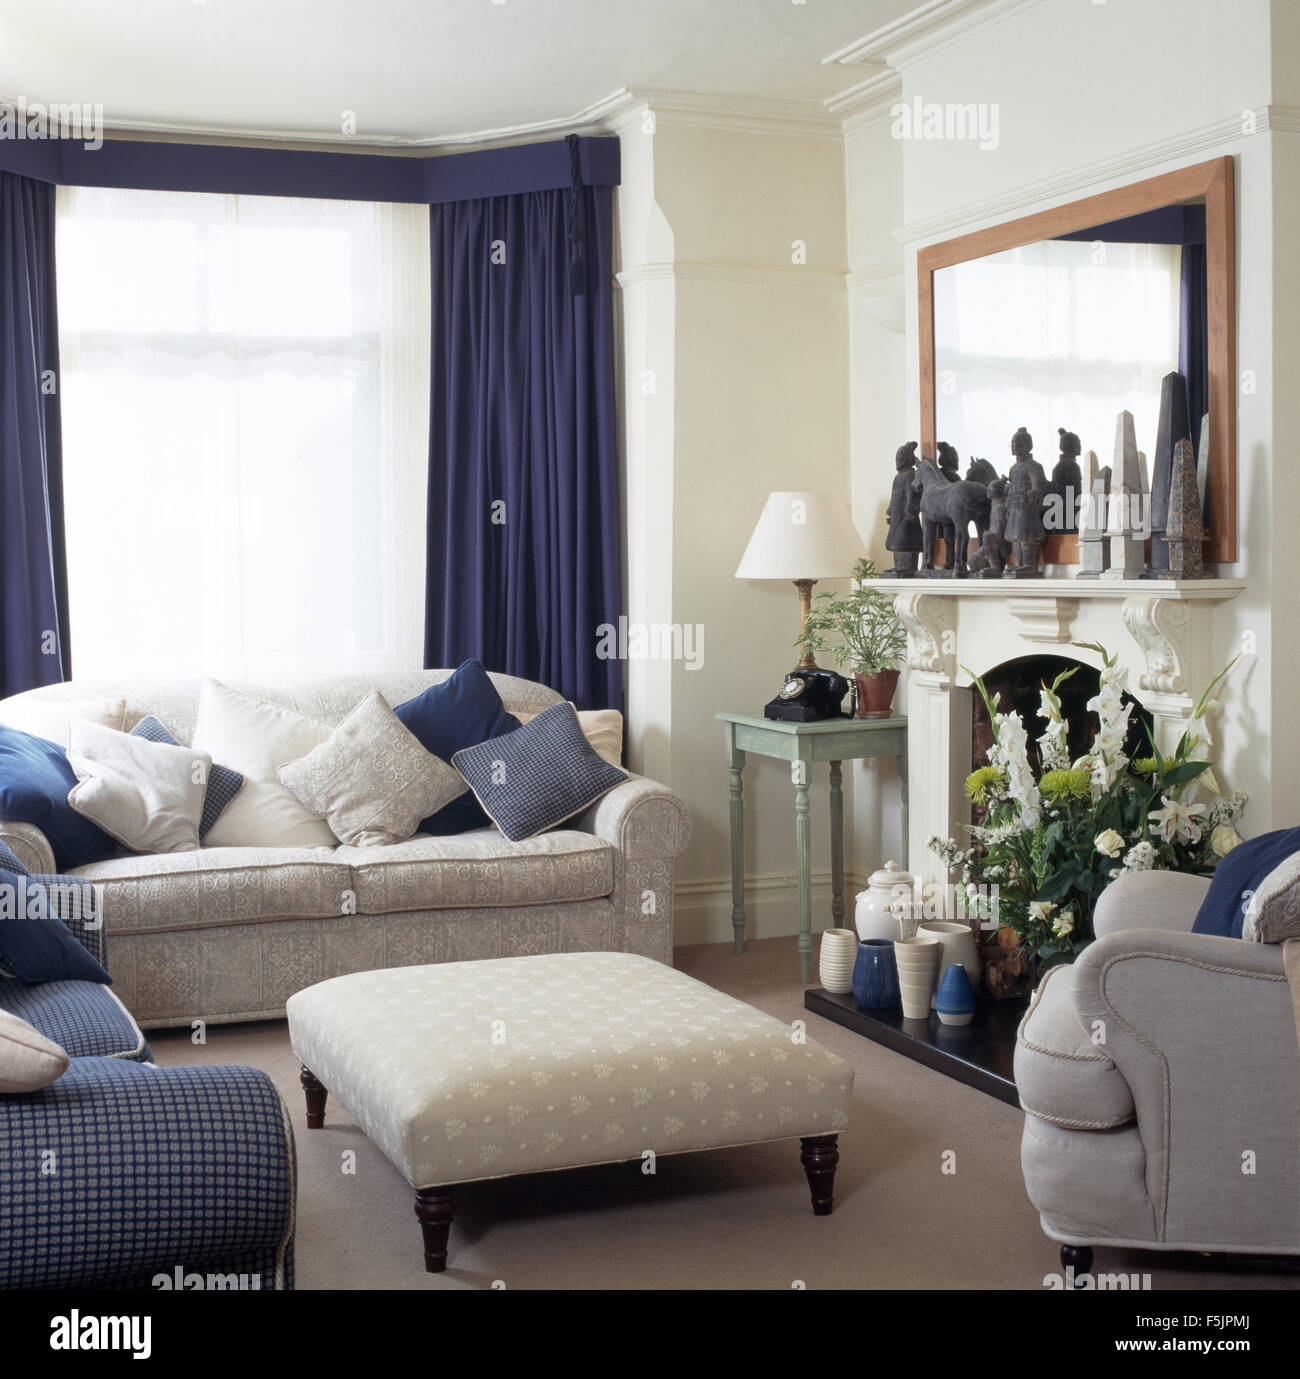 Sahne Sofa Und Ottoman Hocker In Einem Reihenhaus Wohnzimmer Mit Blauen  Vorhängen Im Fenster